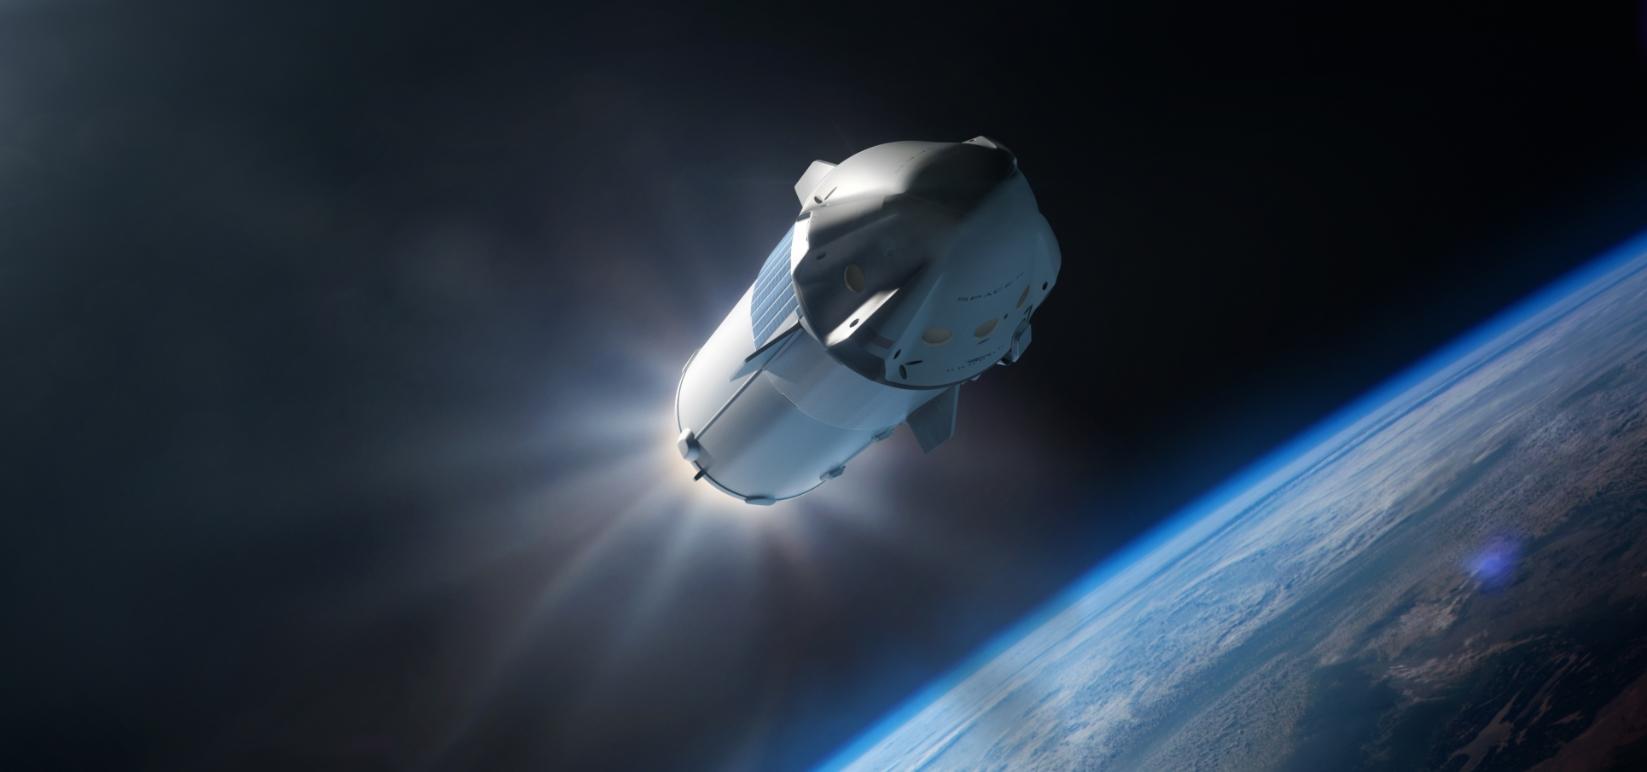 spacex lunar - photo #9